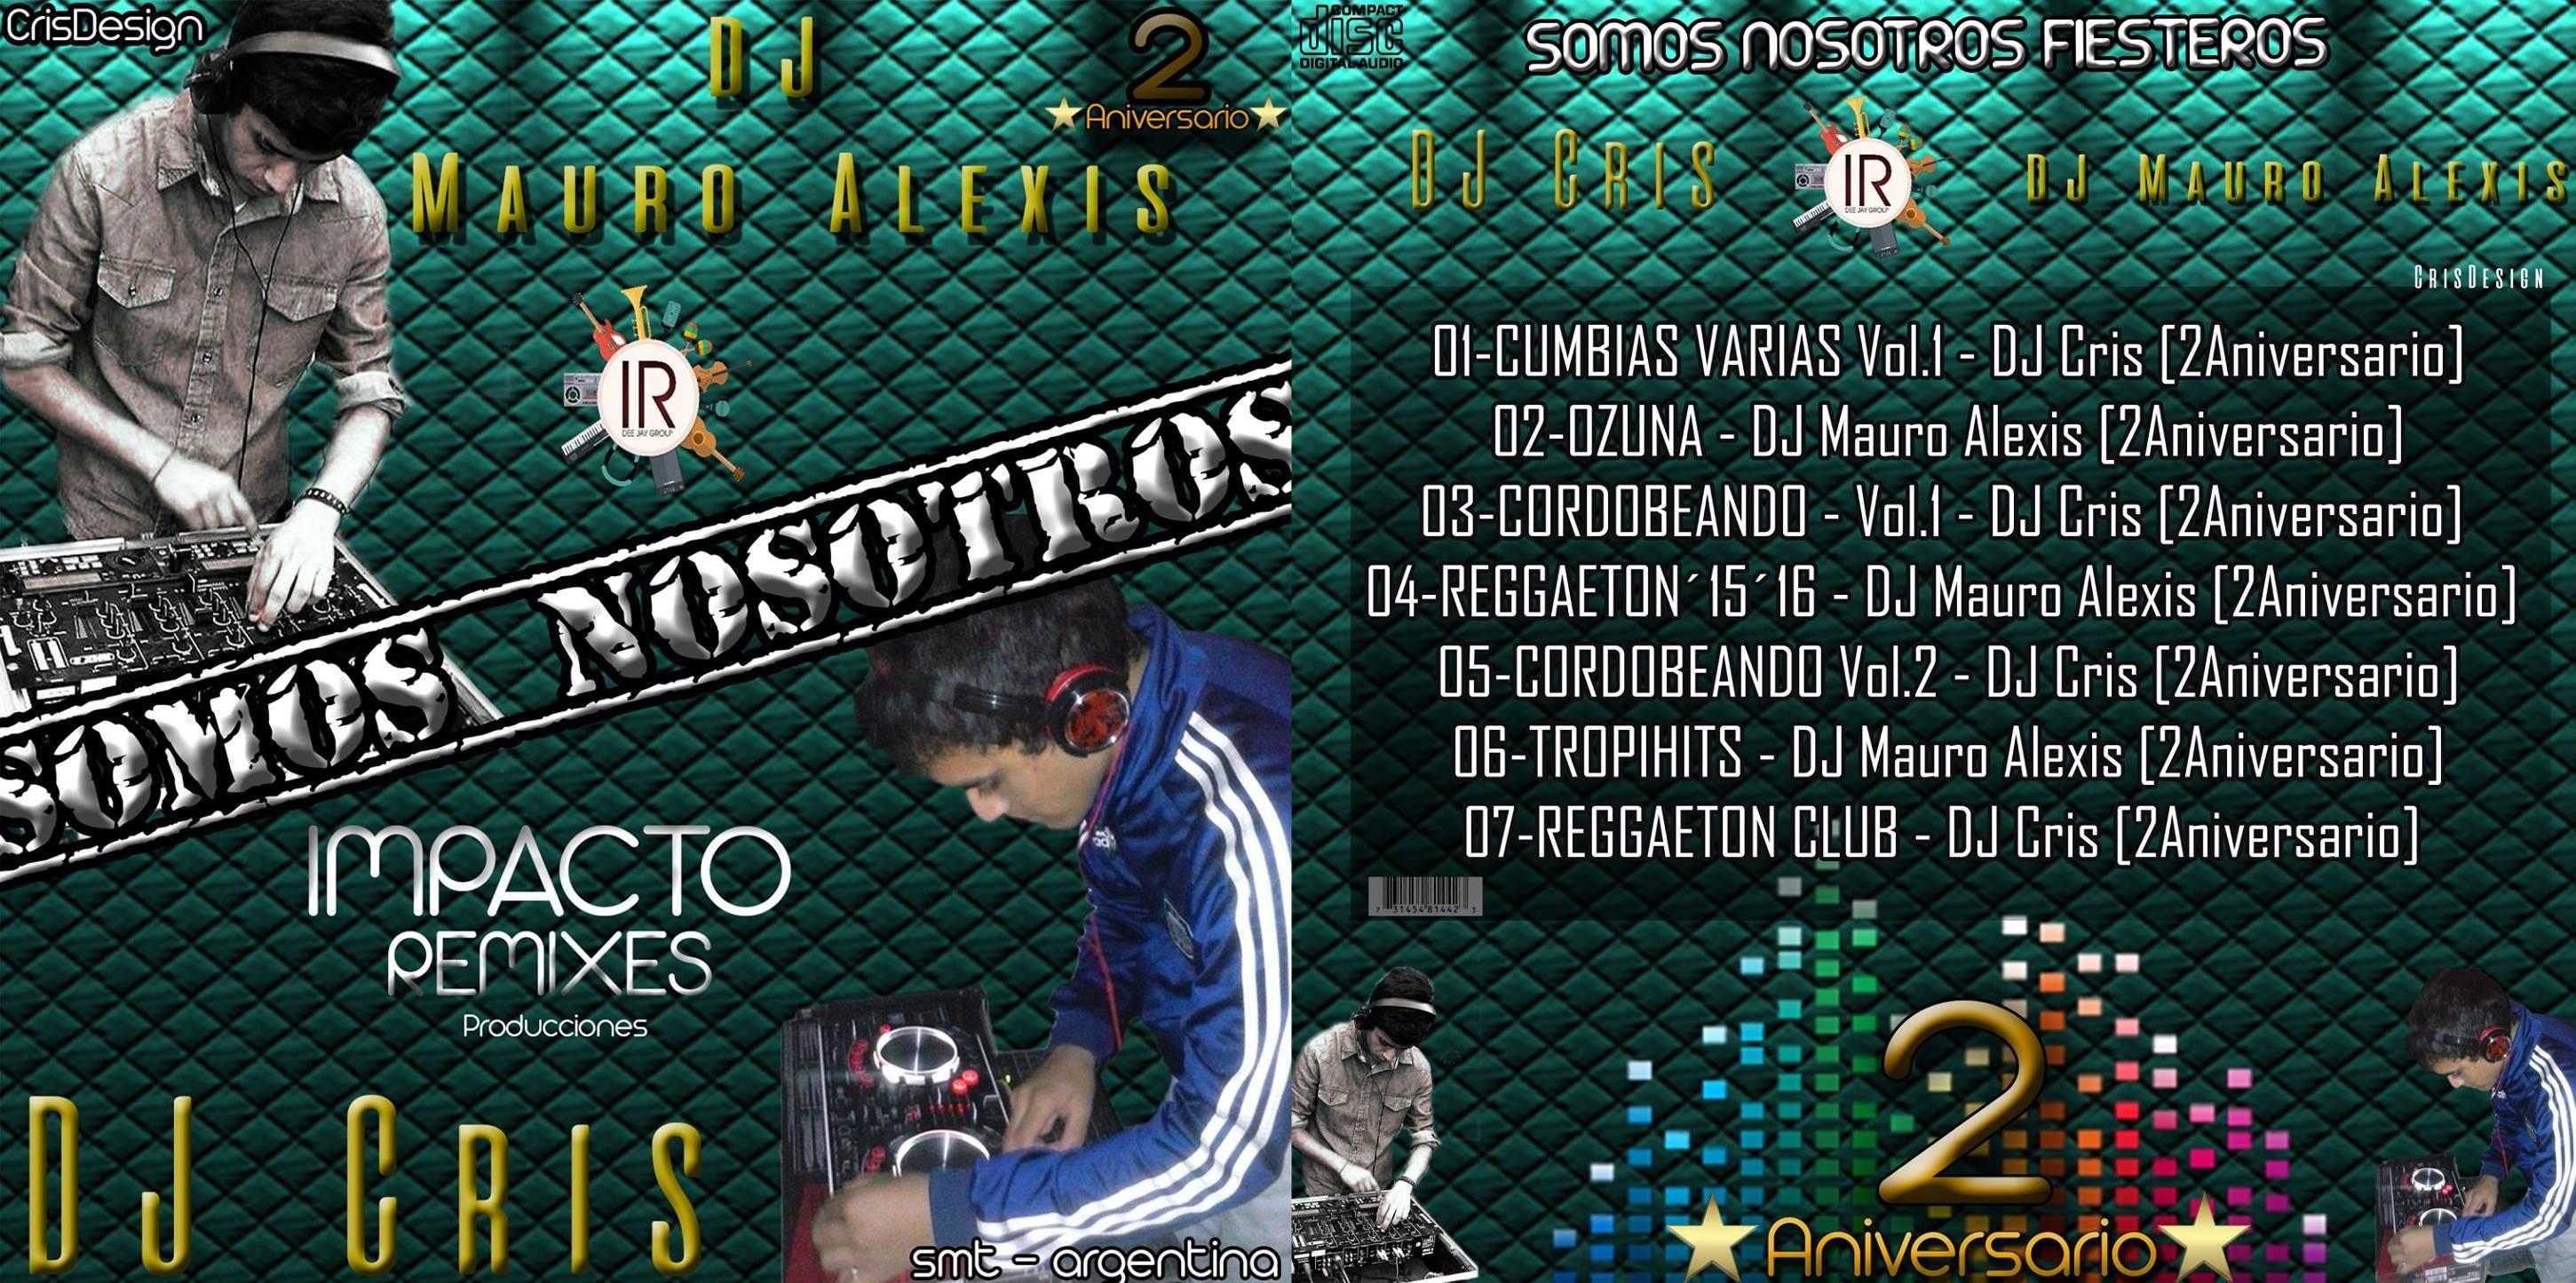 DJ CRIS & DJ MAURO ALEXIS IMPACTO REMIXES [CD SOMOS NOSOTROS]